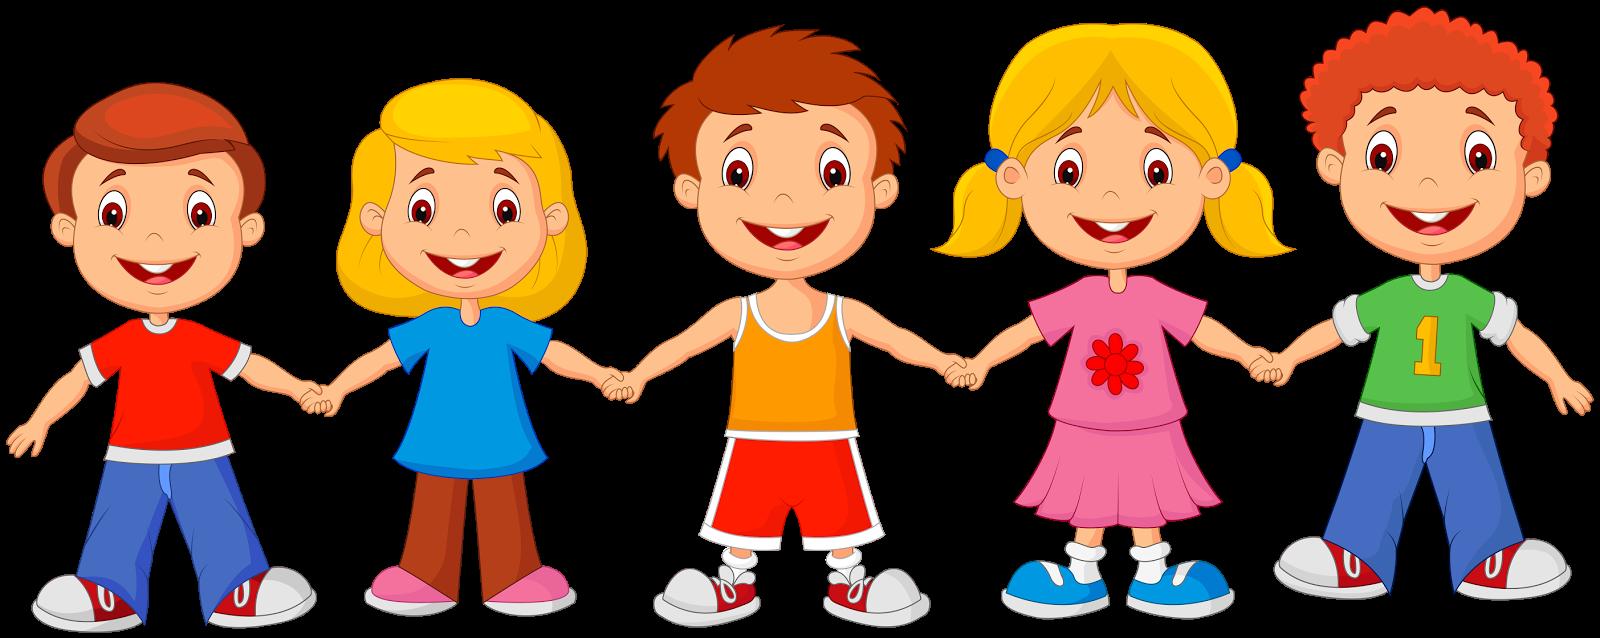 Ромашки для, картинки детей нарисованные цветные